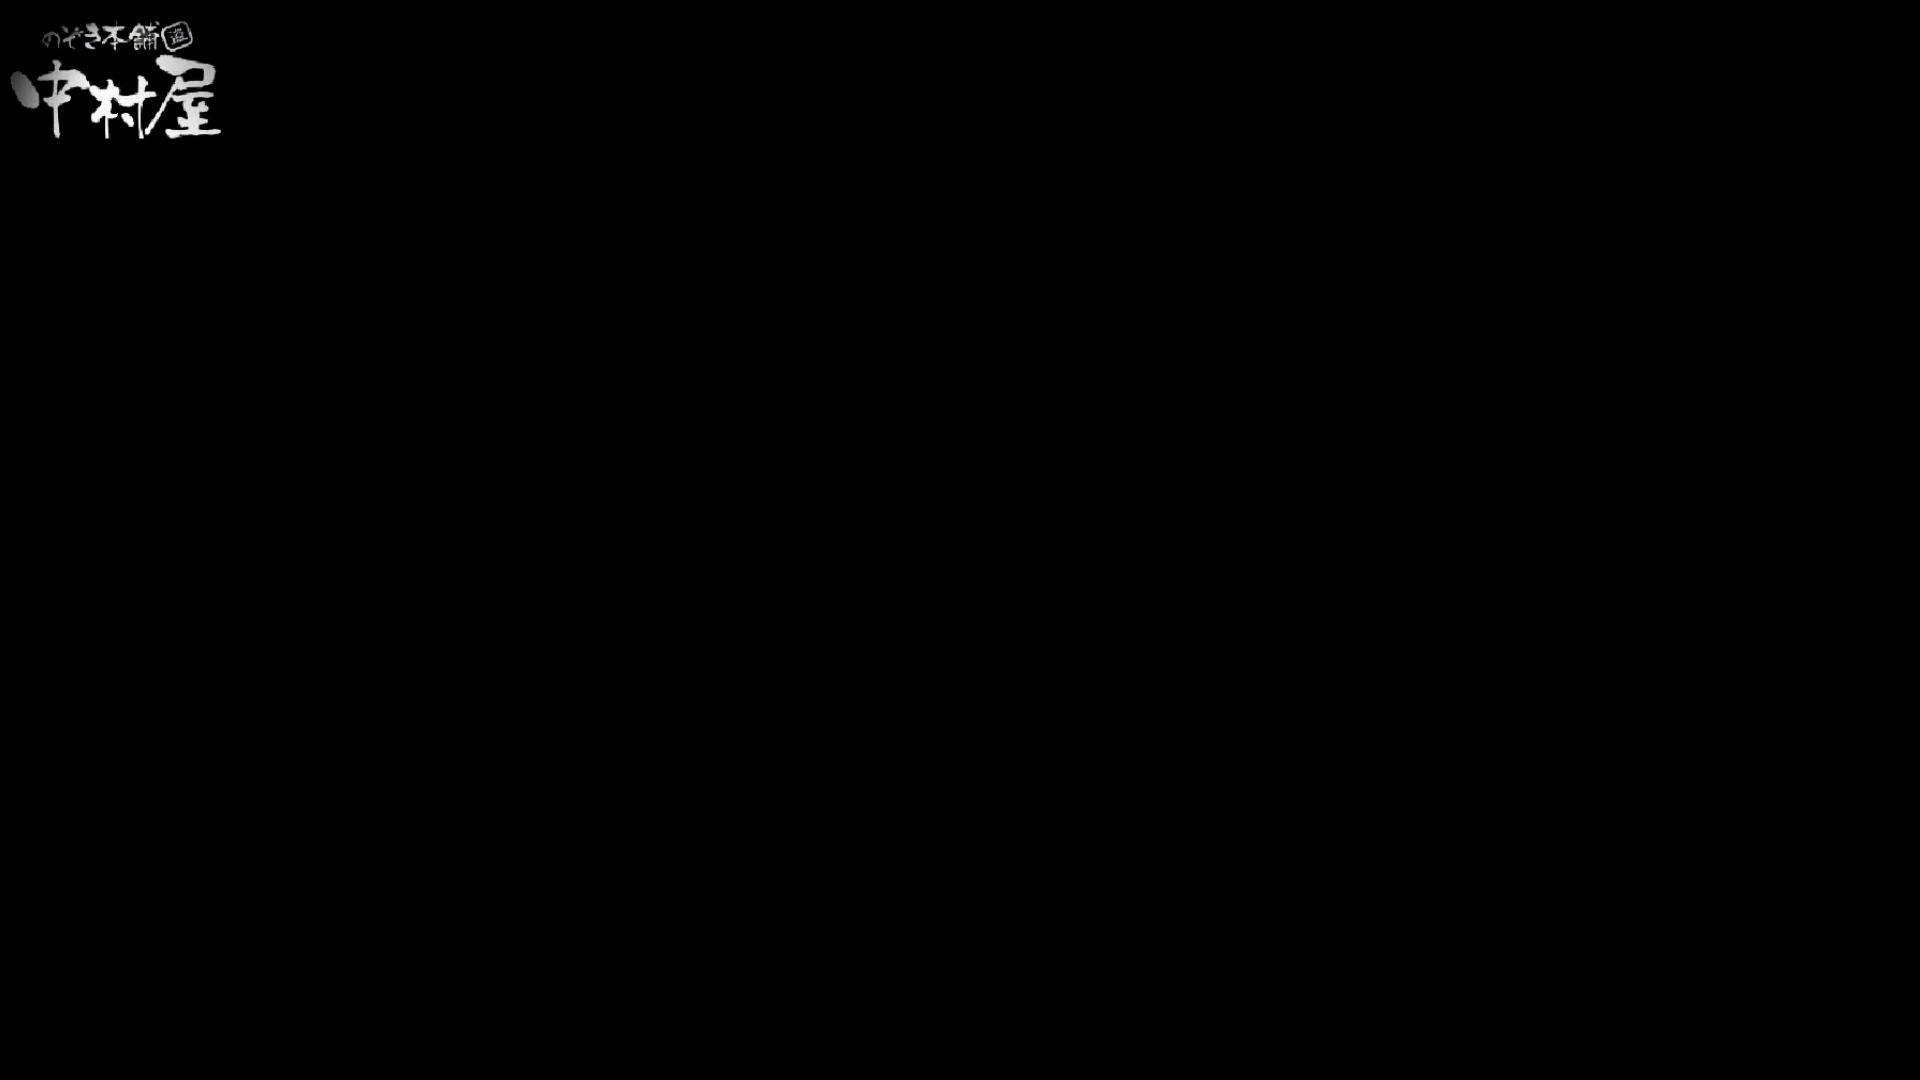 雅さんが厳選年末特別コンテンツ!激走!東京マラソン選手専用女子トイレvol.3 和式   トイレ  69pic 19